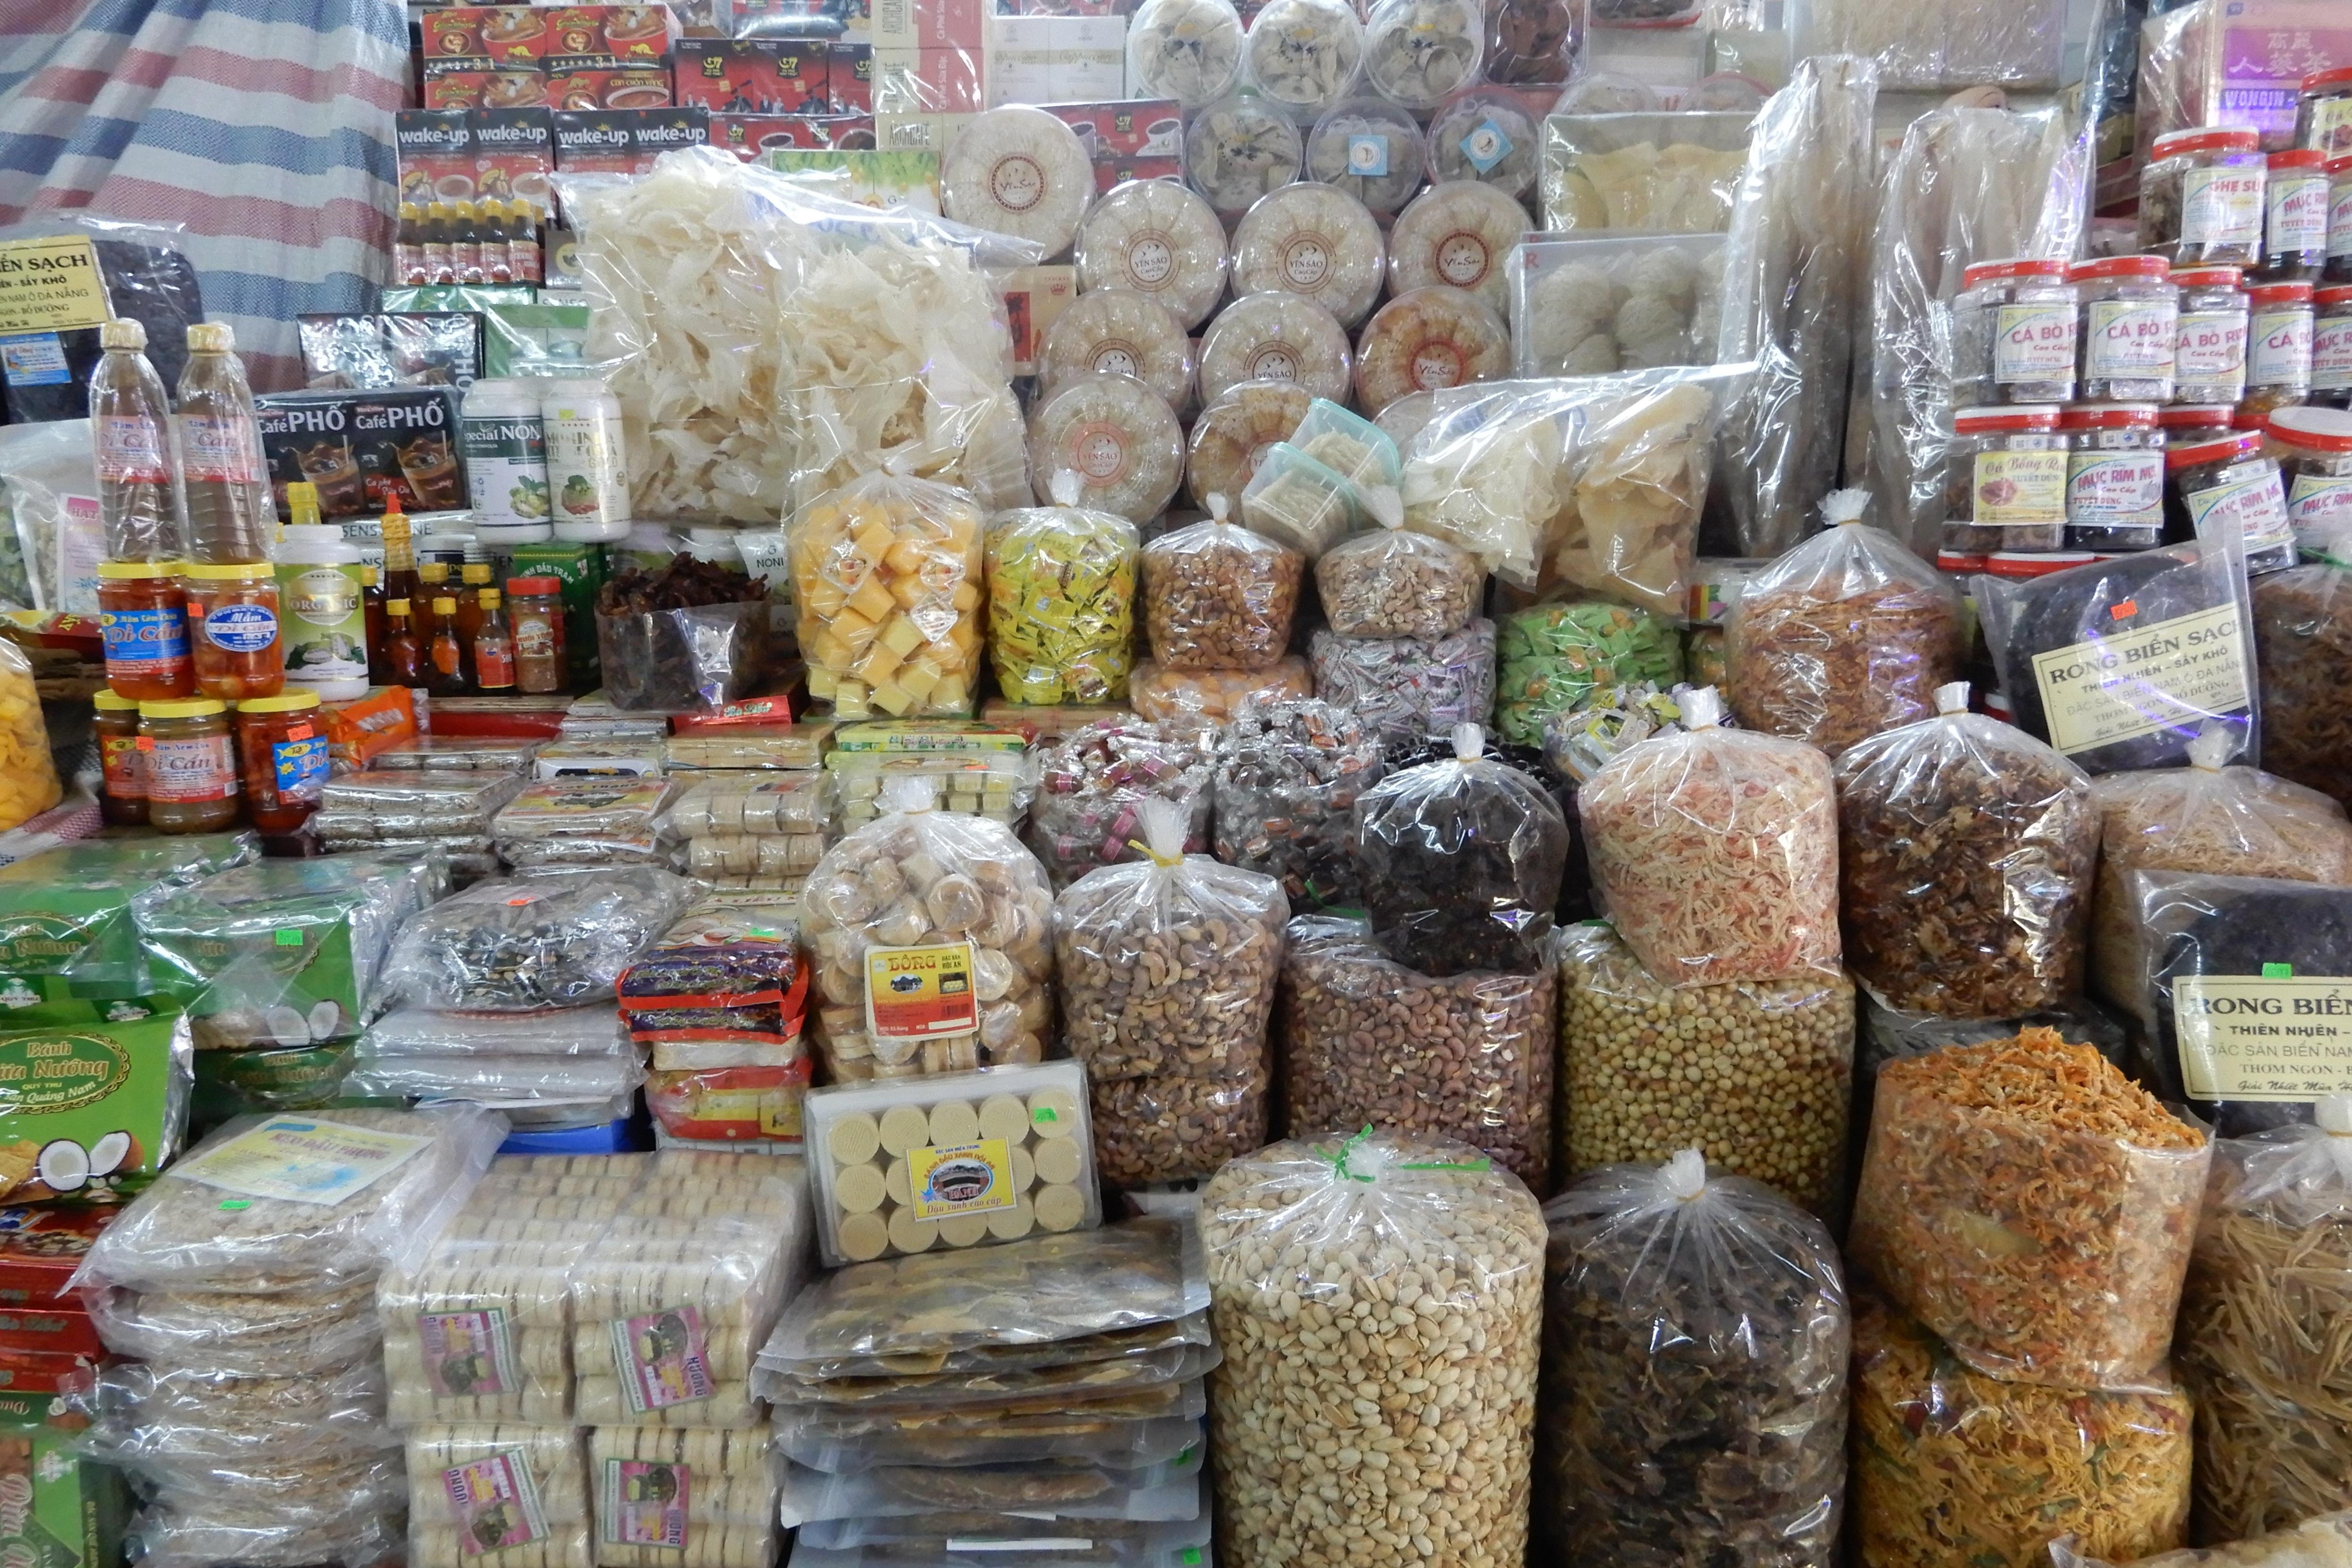 Đà Nẵng chuẩn bị hơn 1.700 tỷ đồng hàng hóa phục vụ Tết Nguyên đán